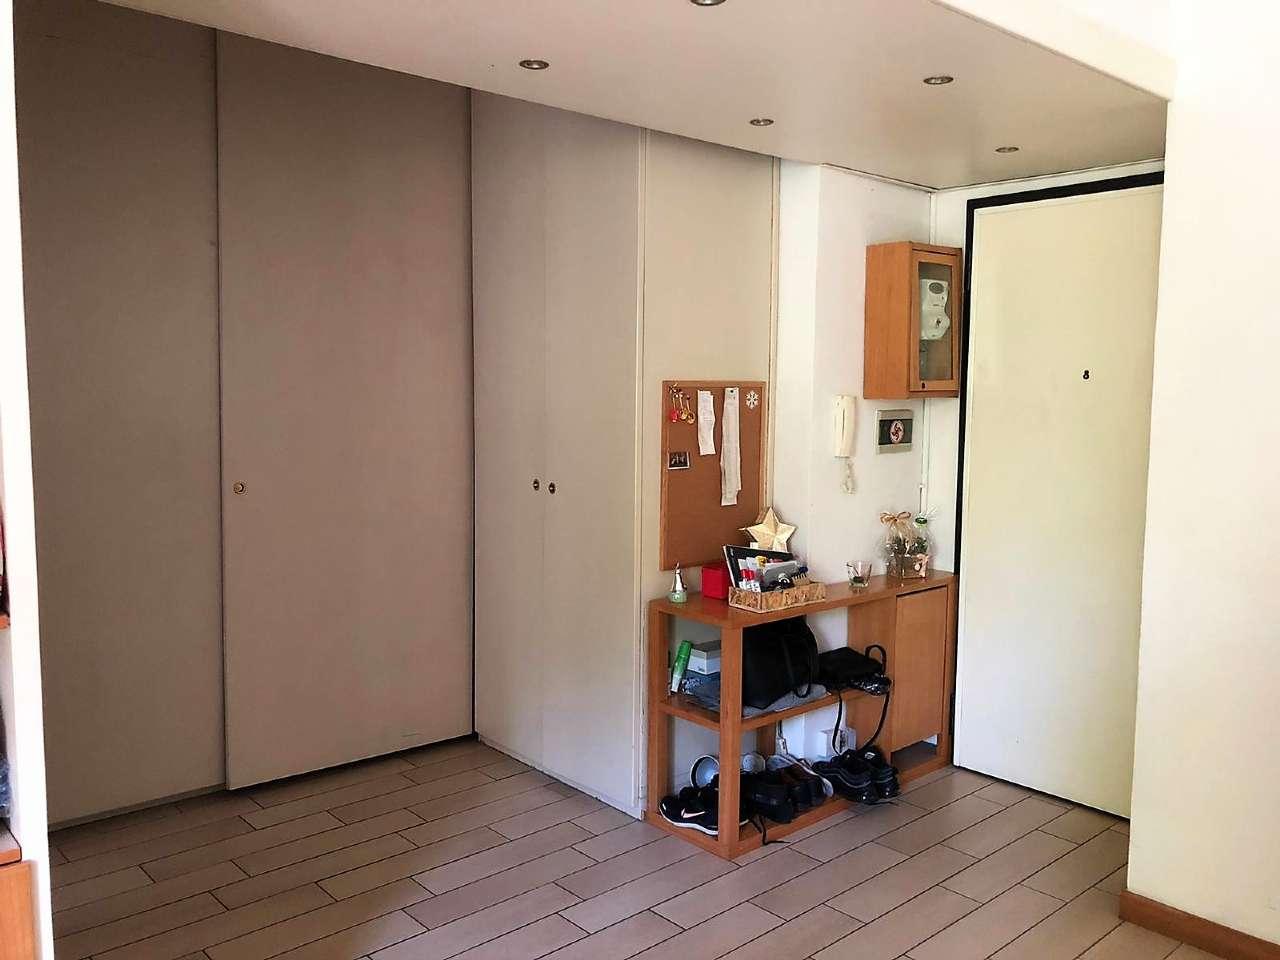 Appartamento in Affitto a Milano 18 Ippodromo / San Siro / Zavattari: 1 locali, 39 mq